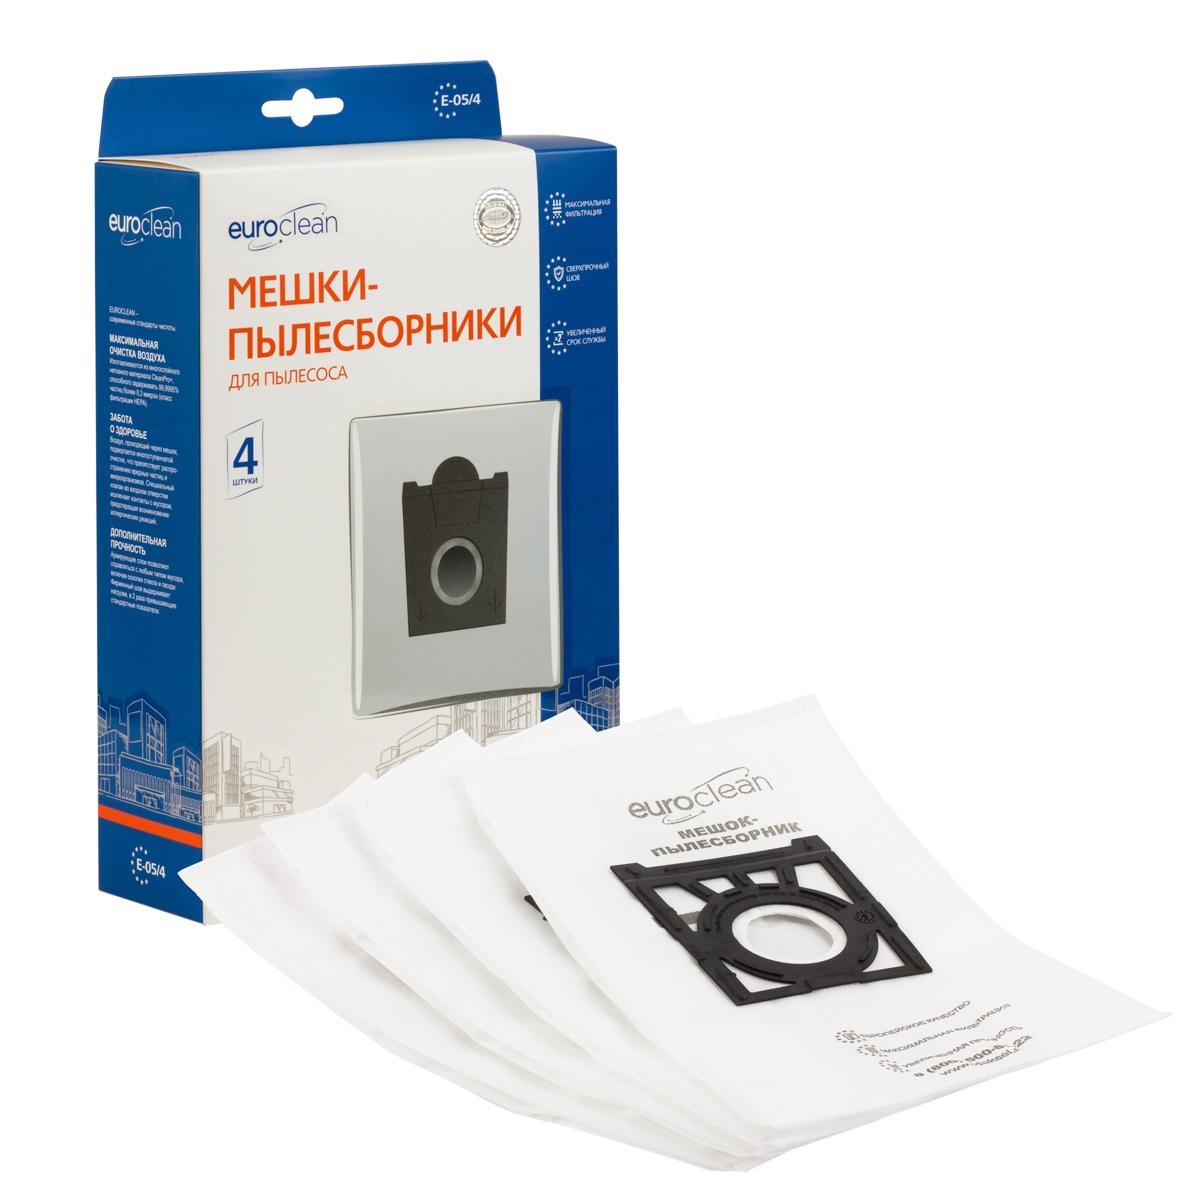 Мешки-пылесборники Euroclean синтетические 4 шт для пылесоса SIEMENS VSZ61244